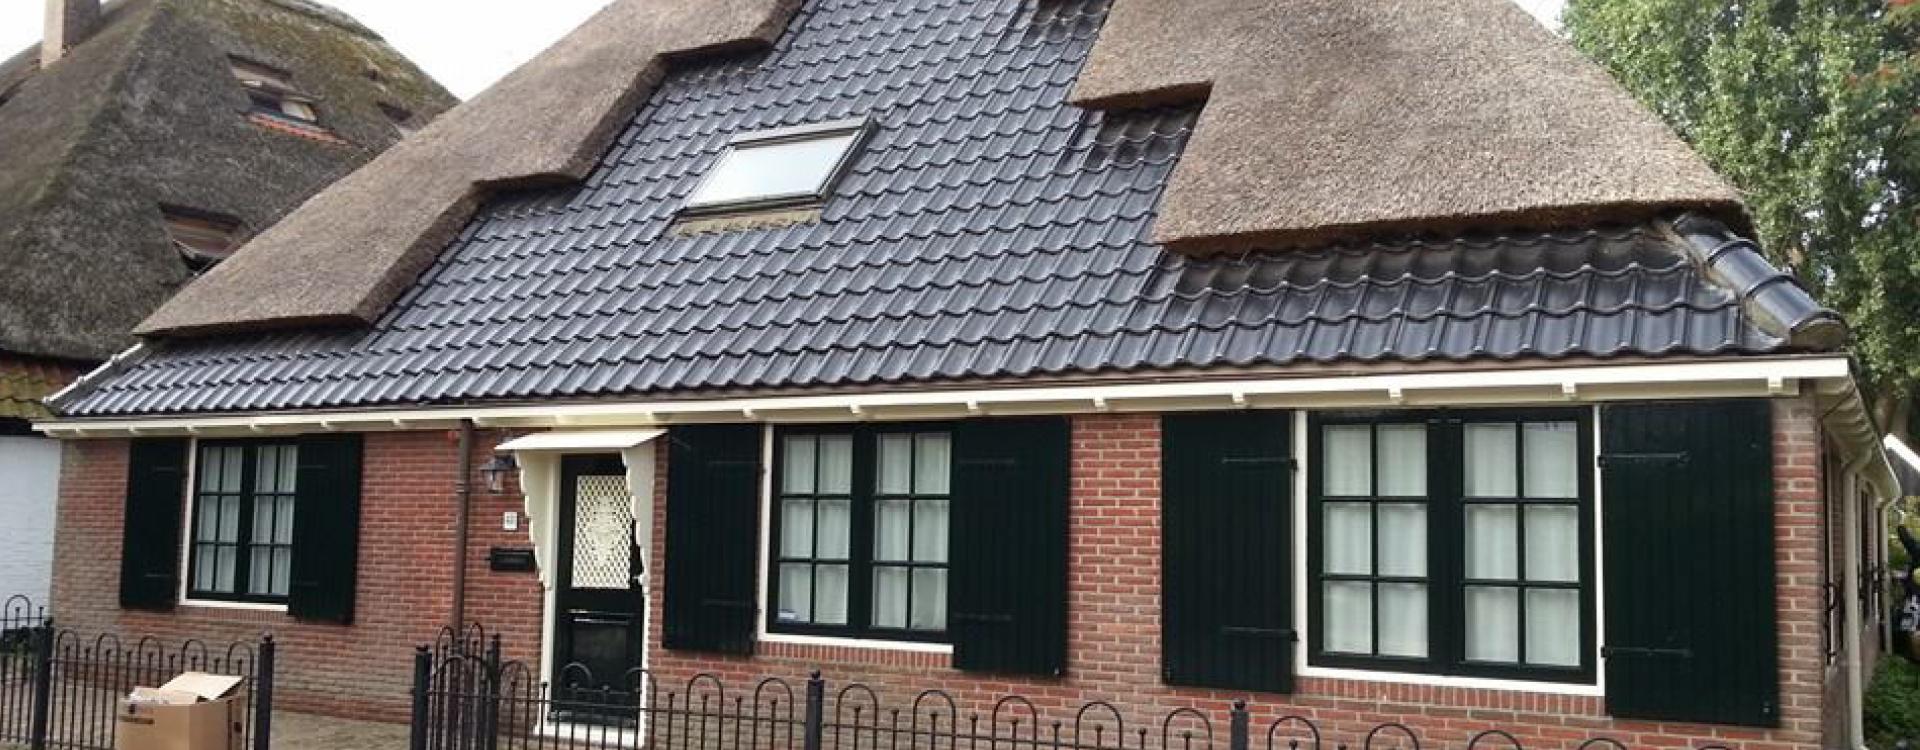 kozijnen, deur, dakgoot boerderij schilderen door Schuit Schilderwerken